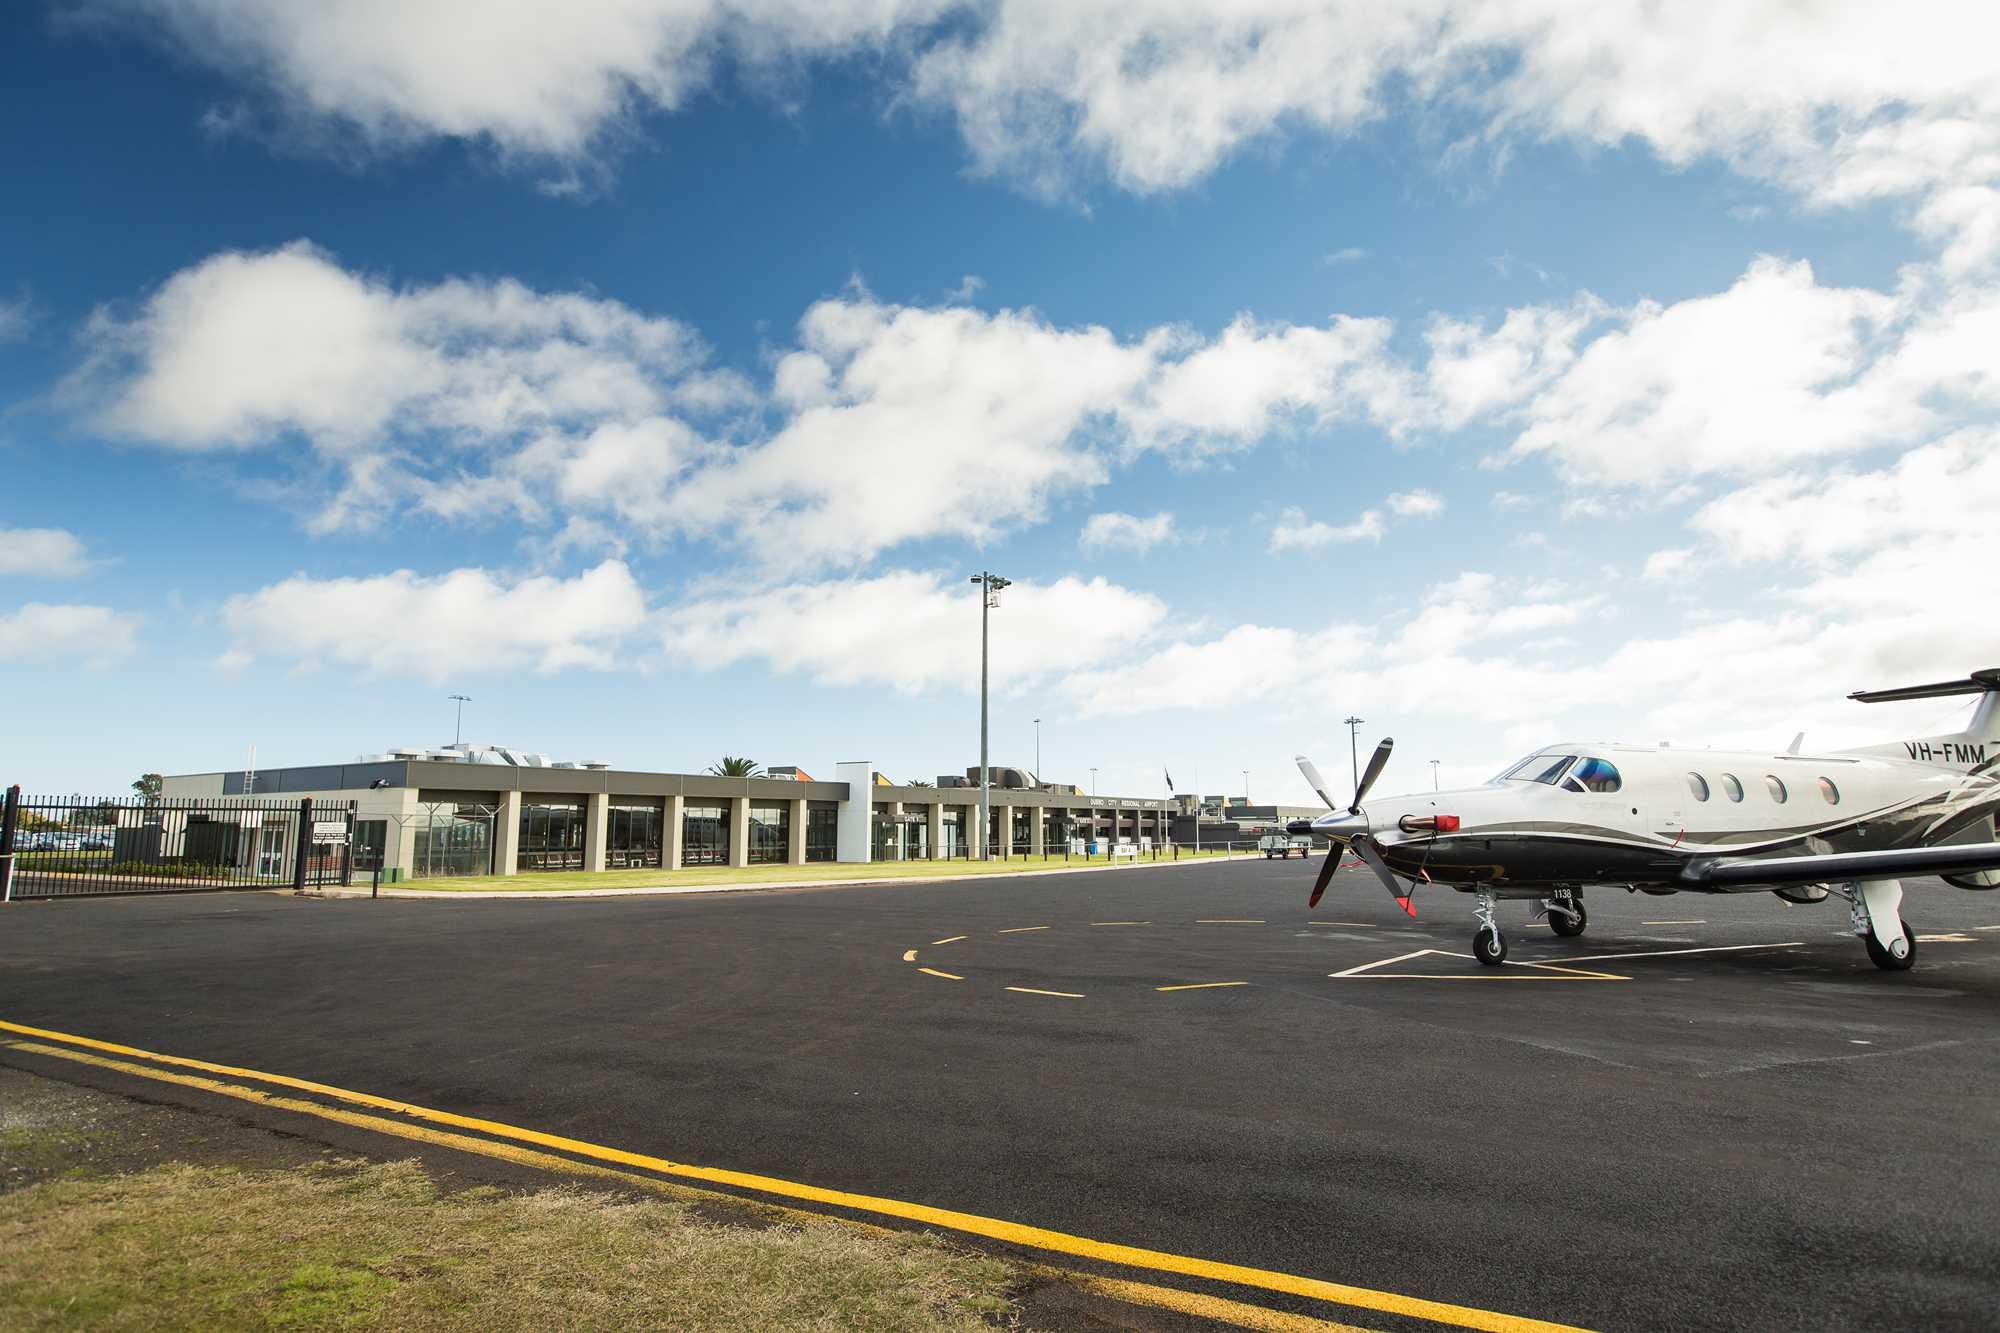 Dubbo Regional Airport